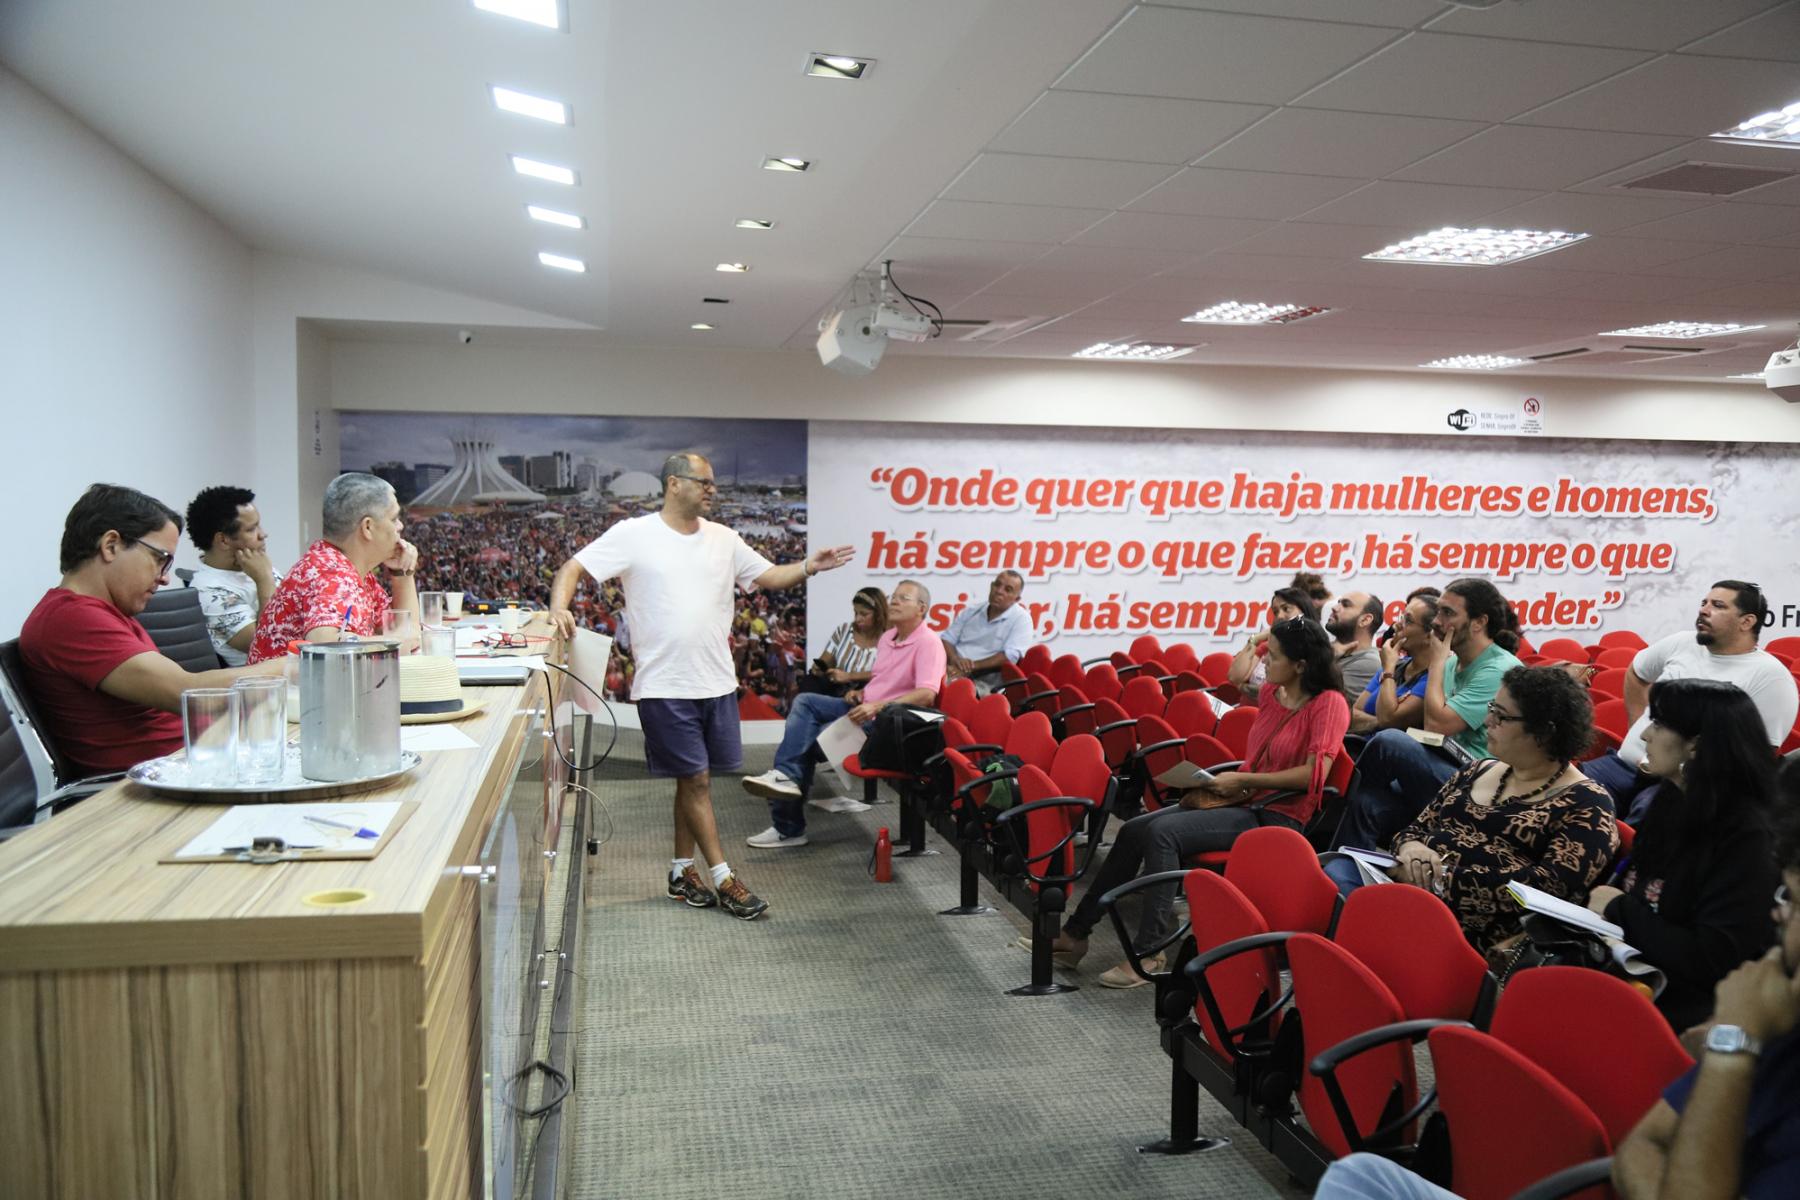 2019.01.17-Reuniao-sobre-Militarizacao-das-escolas-12